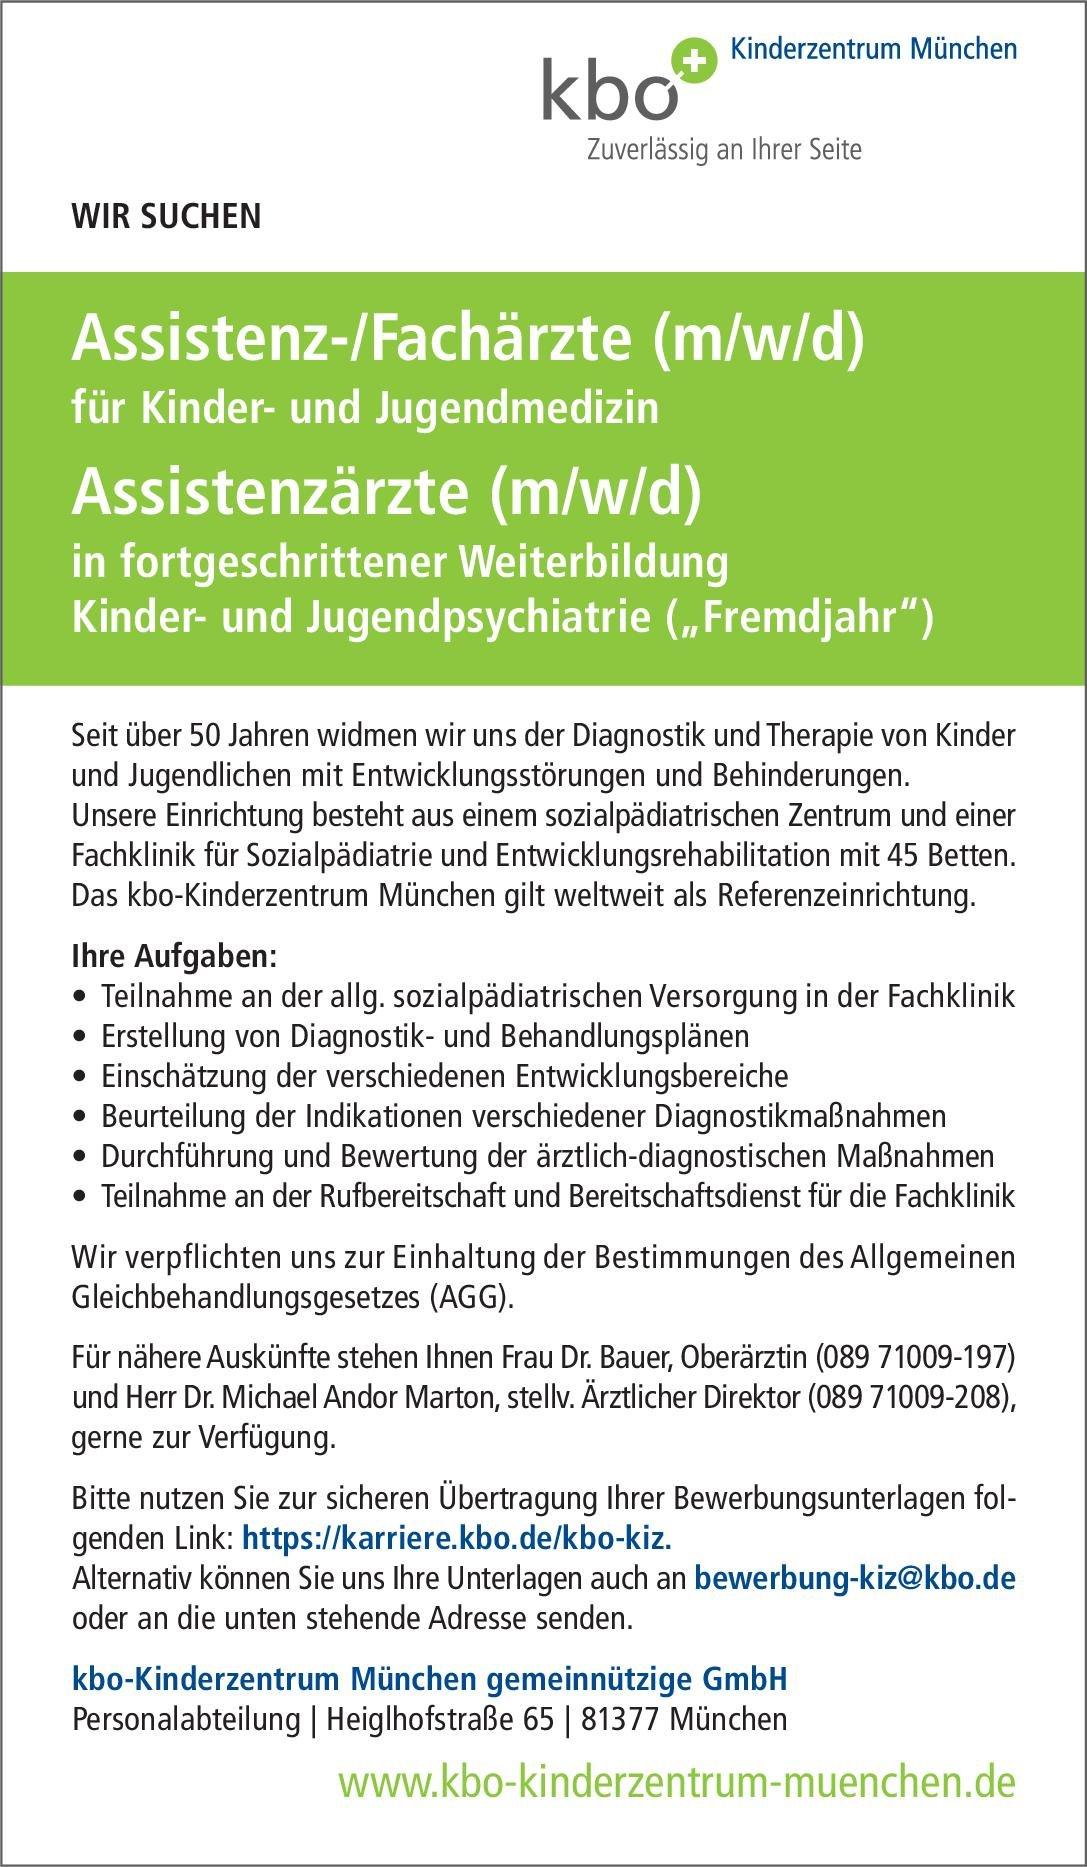 kbo-Kinderzentrum München gemeinnützige GmbH Assistenz-/Fachärzte (m/w/d) für Kinder- und Jugendmedizin  Kinder- und Jugendmedizin, Kinder- und Jugendmedizin Arzt / Facharzt, Assistenzarzt / Arzt in Weiterbildung